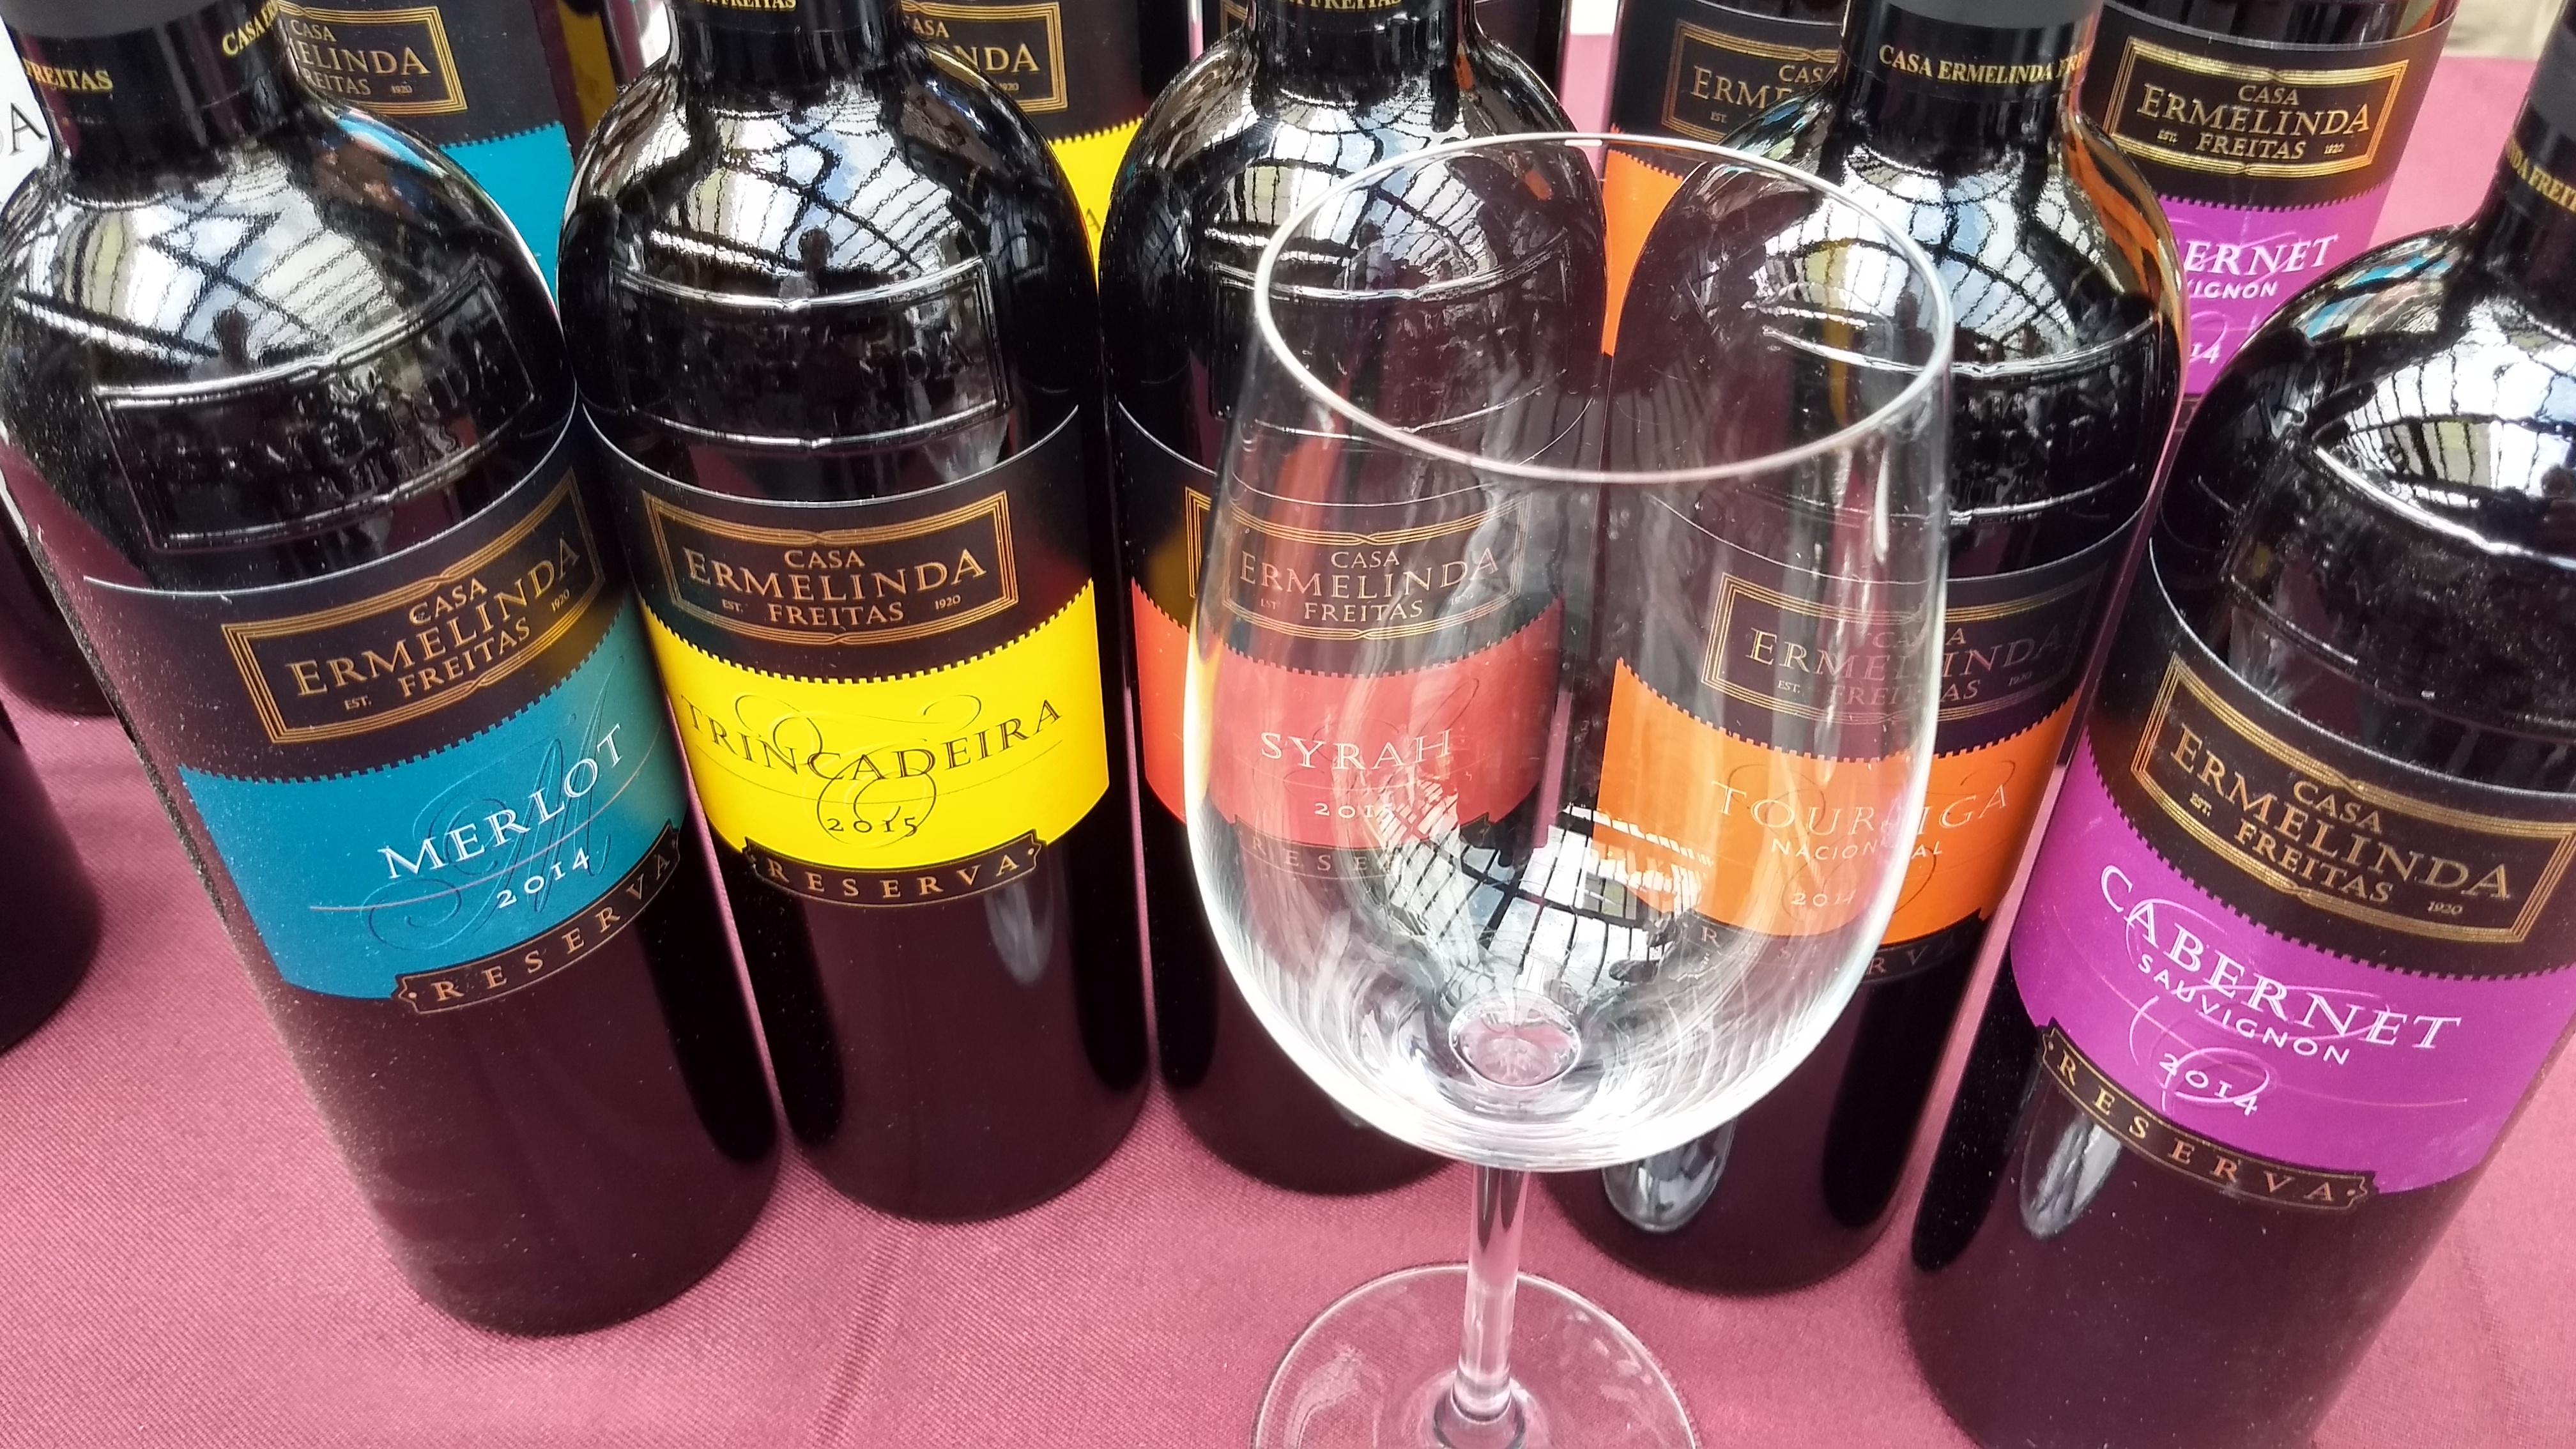 Los Verdes, Los Oportos y una gran variedad de vinos de Portugal ahora en México